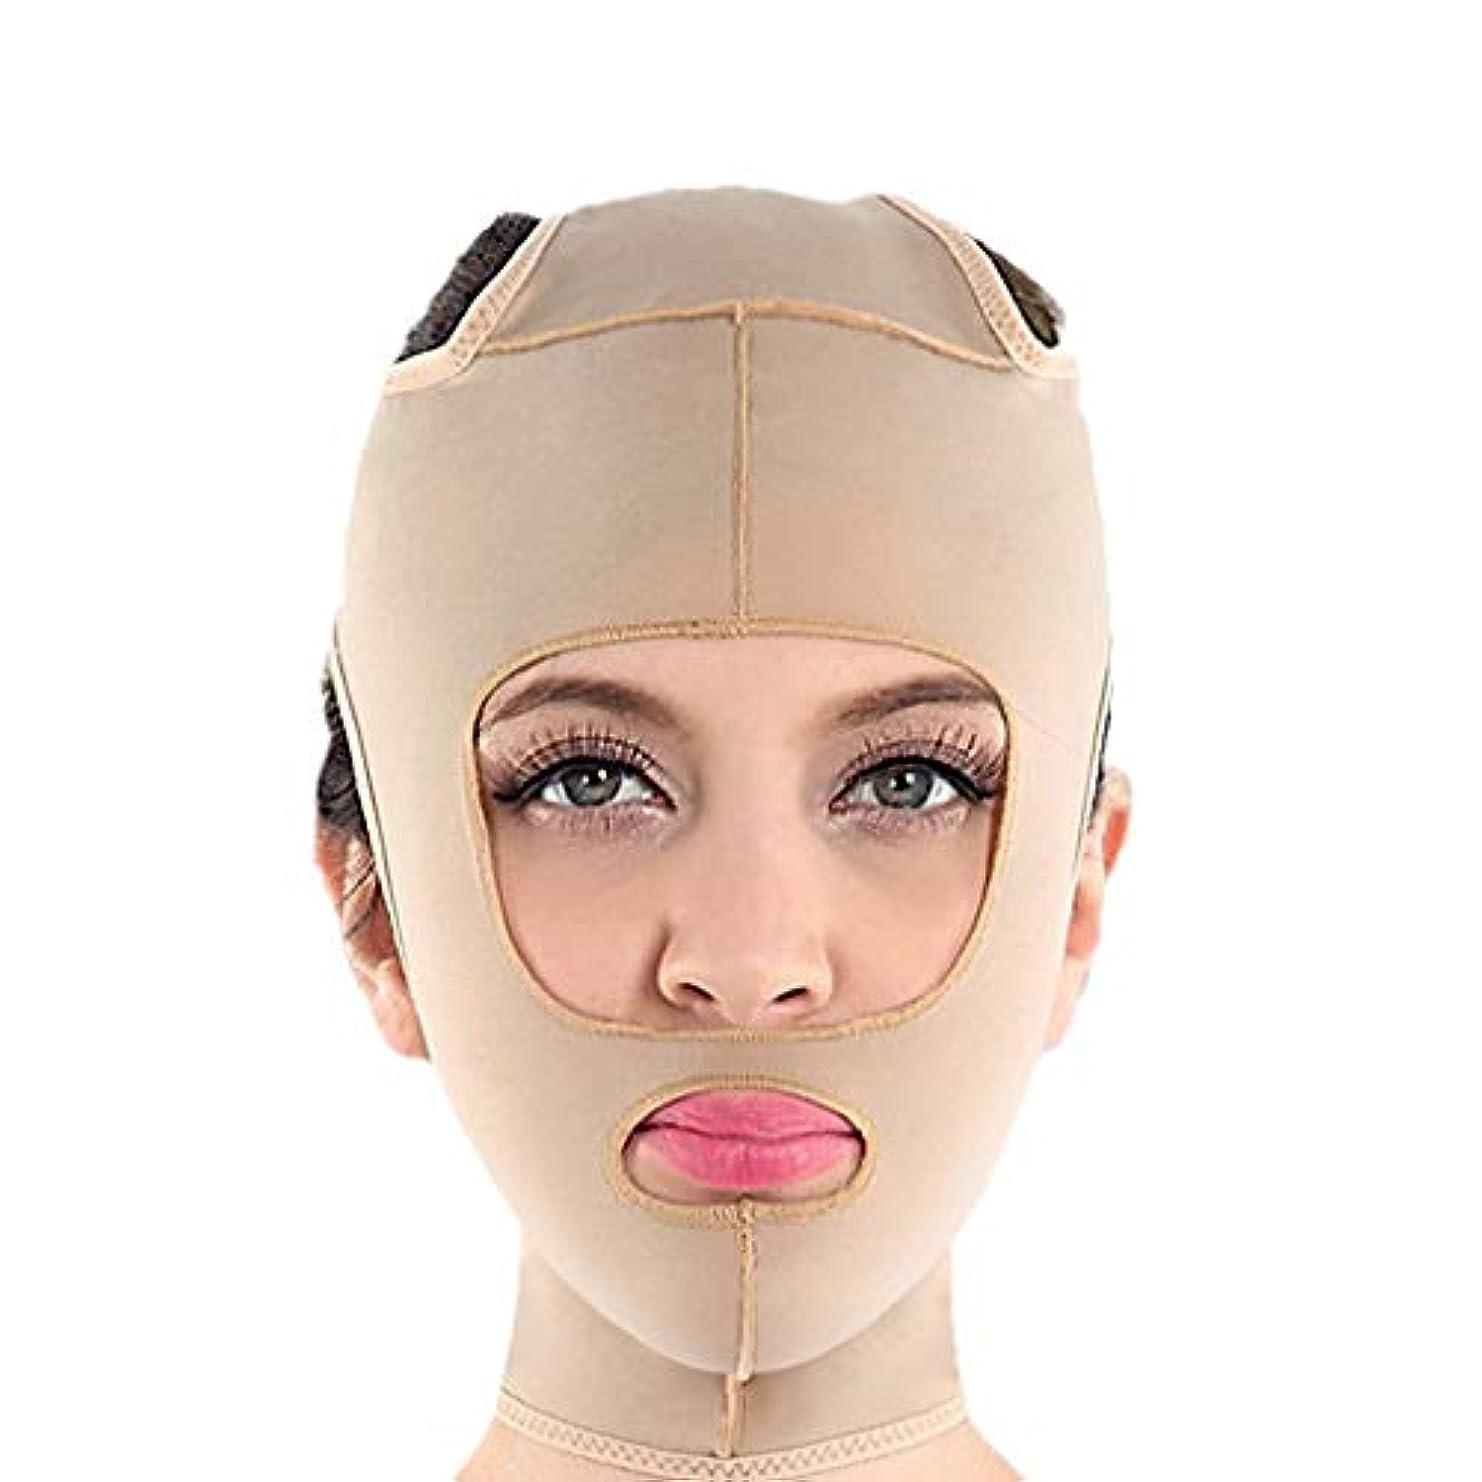 アラブあざカリングフェイスリフティング、ダブルチンストラップ、フェイシャル減量マスク、ダブルチンを減らすリフティングヌードル、ファーミングフェイス、パワフルリフティングマスク (Size : S)